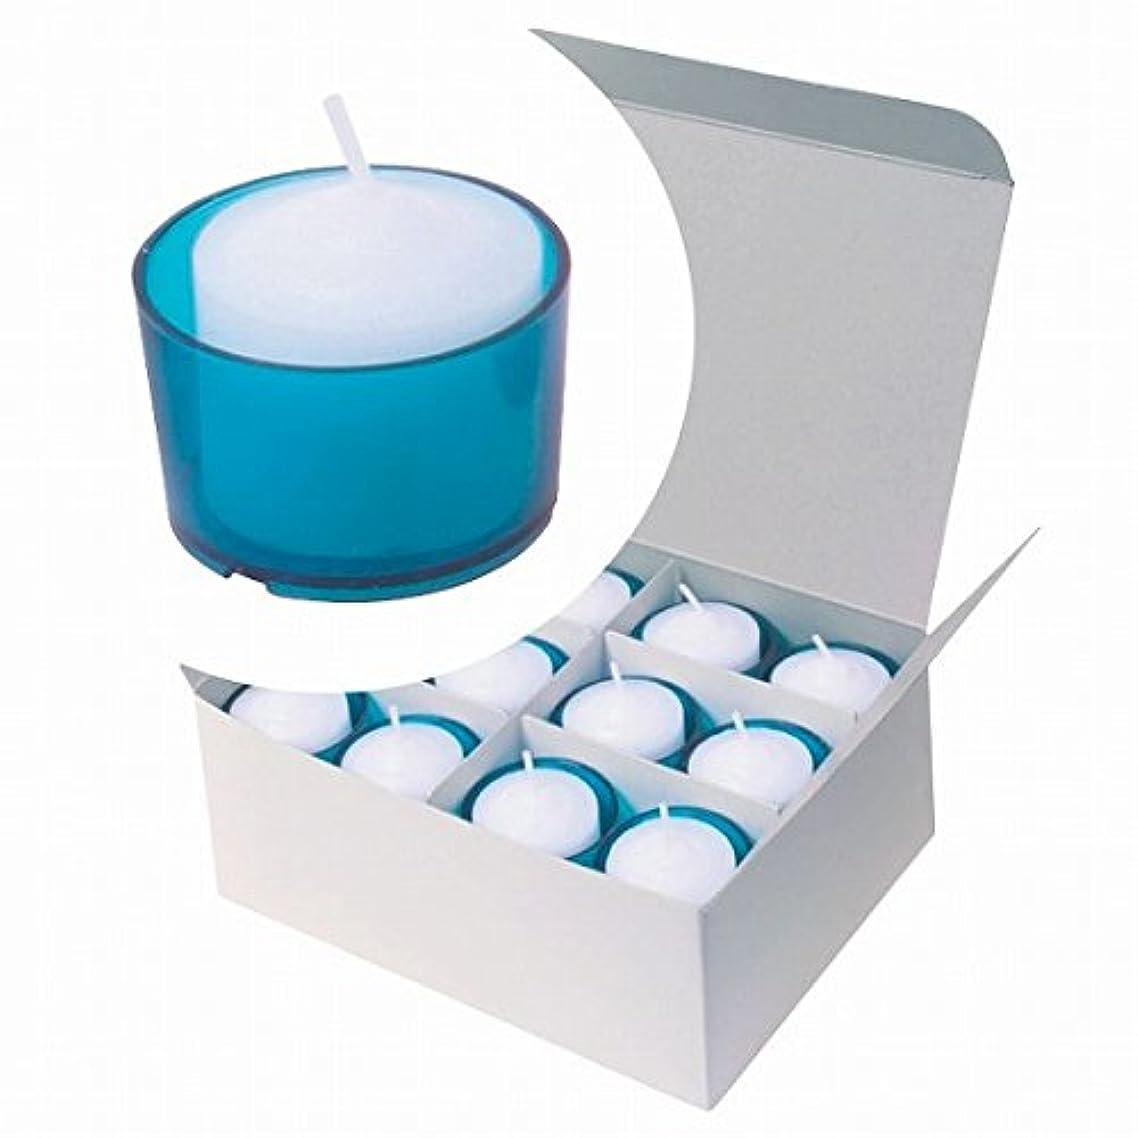 カメヤマキャンドル(kameyama candle) カラークリアカップボーティブ6時間タイプ 24個入り 「 ブルー 」